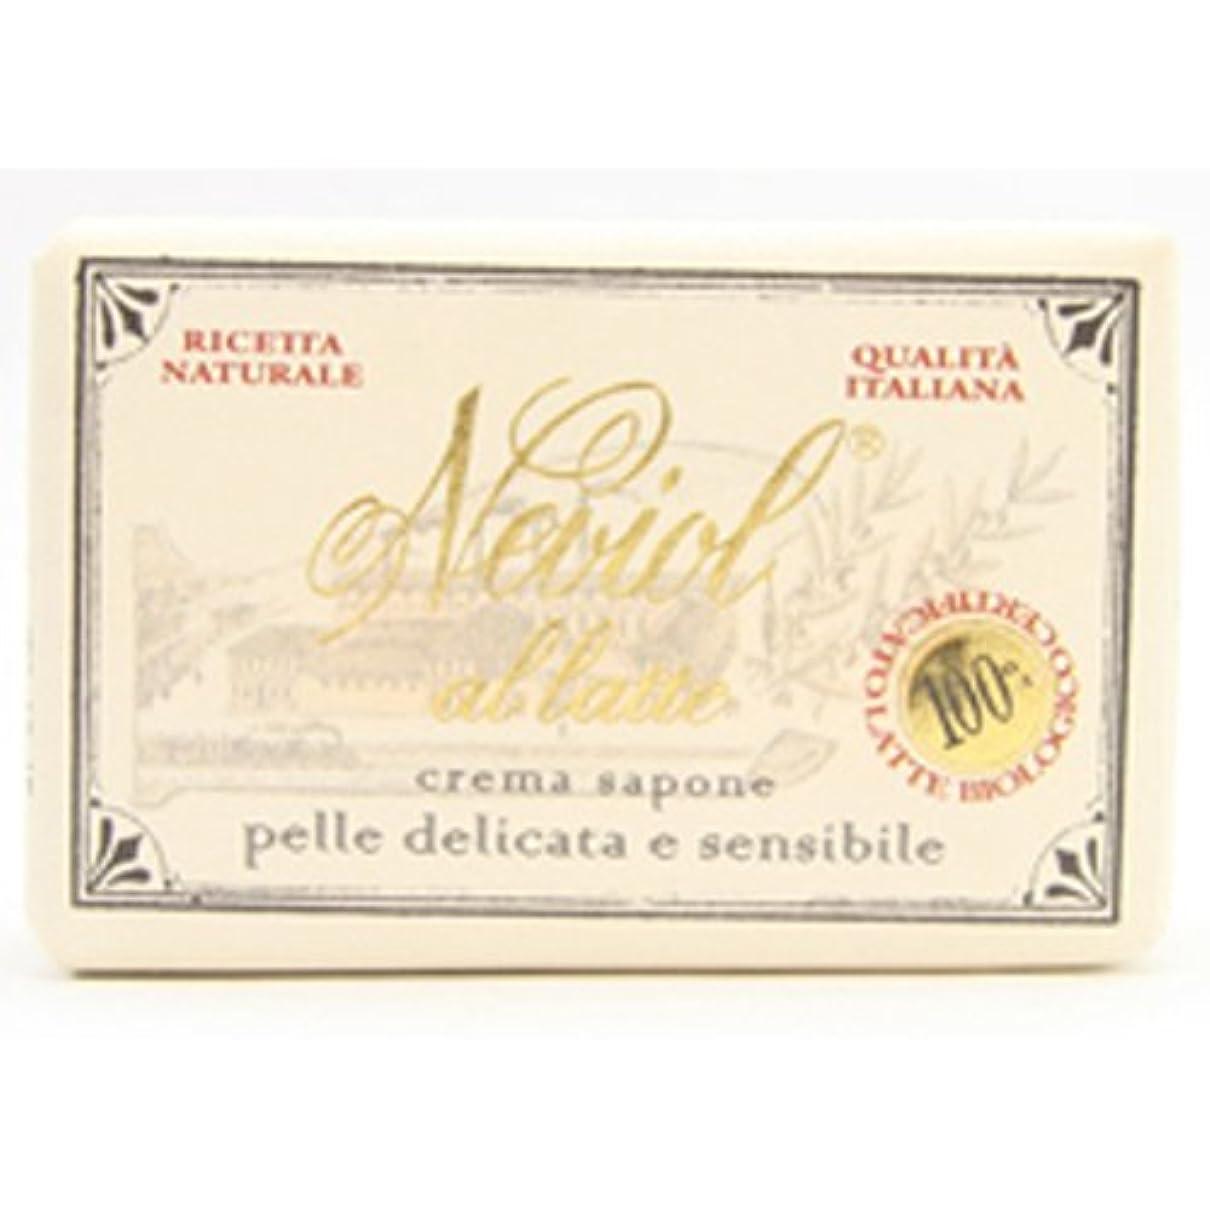 応じる説得力のある見物人Saponerire Fissi  サポネリーフィッシー milk baby soap ミルク ベビー ソープ 150g cream sapone